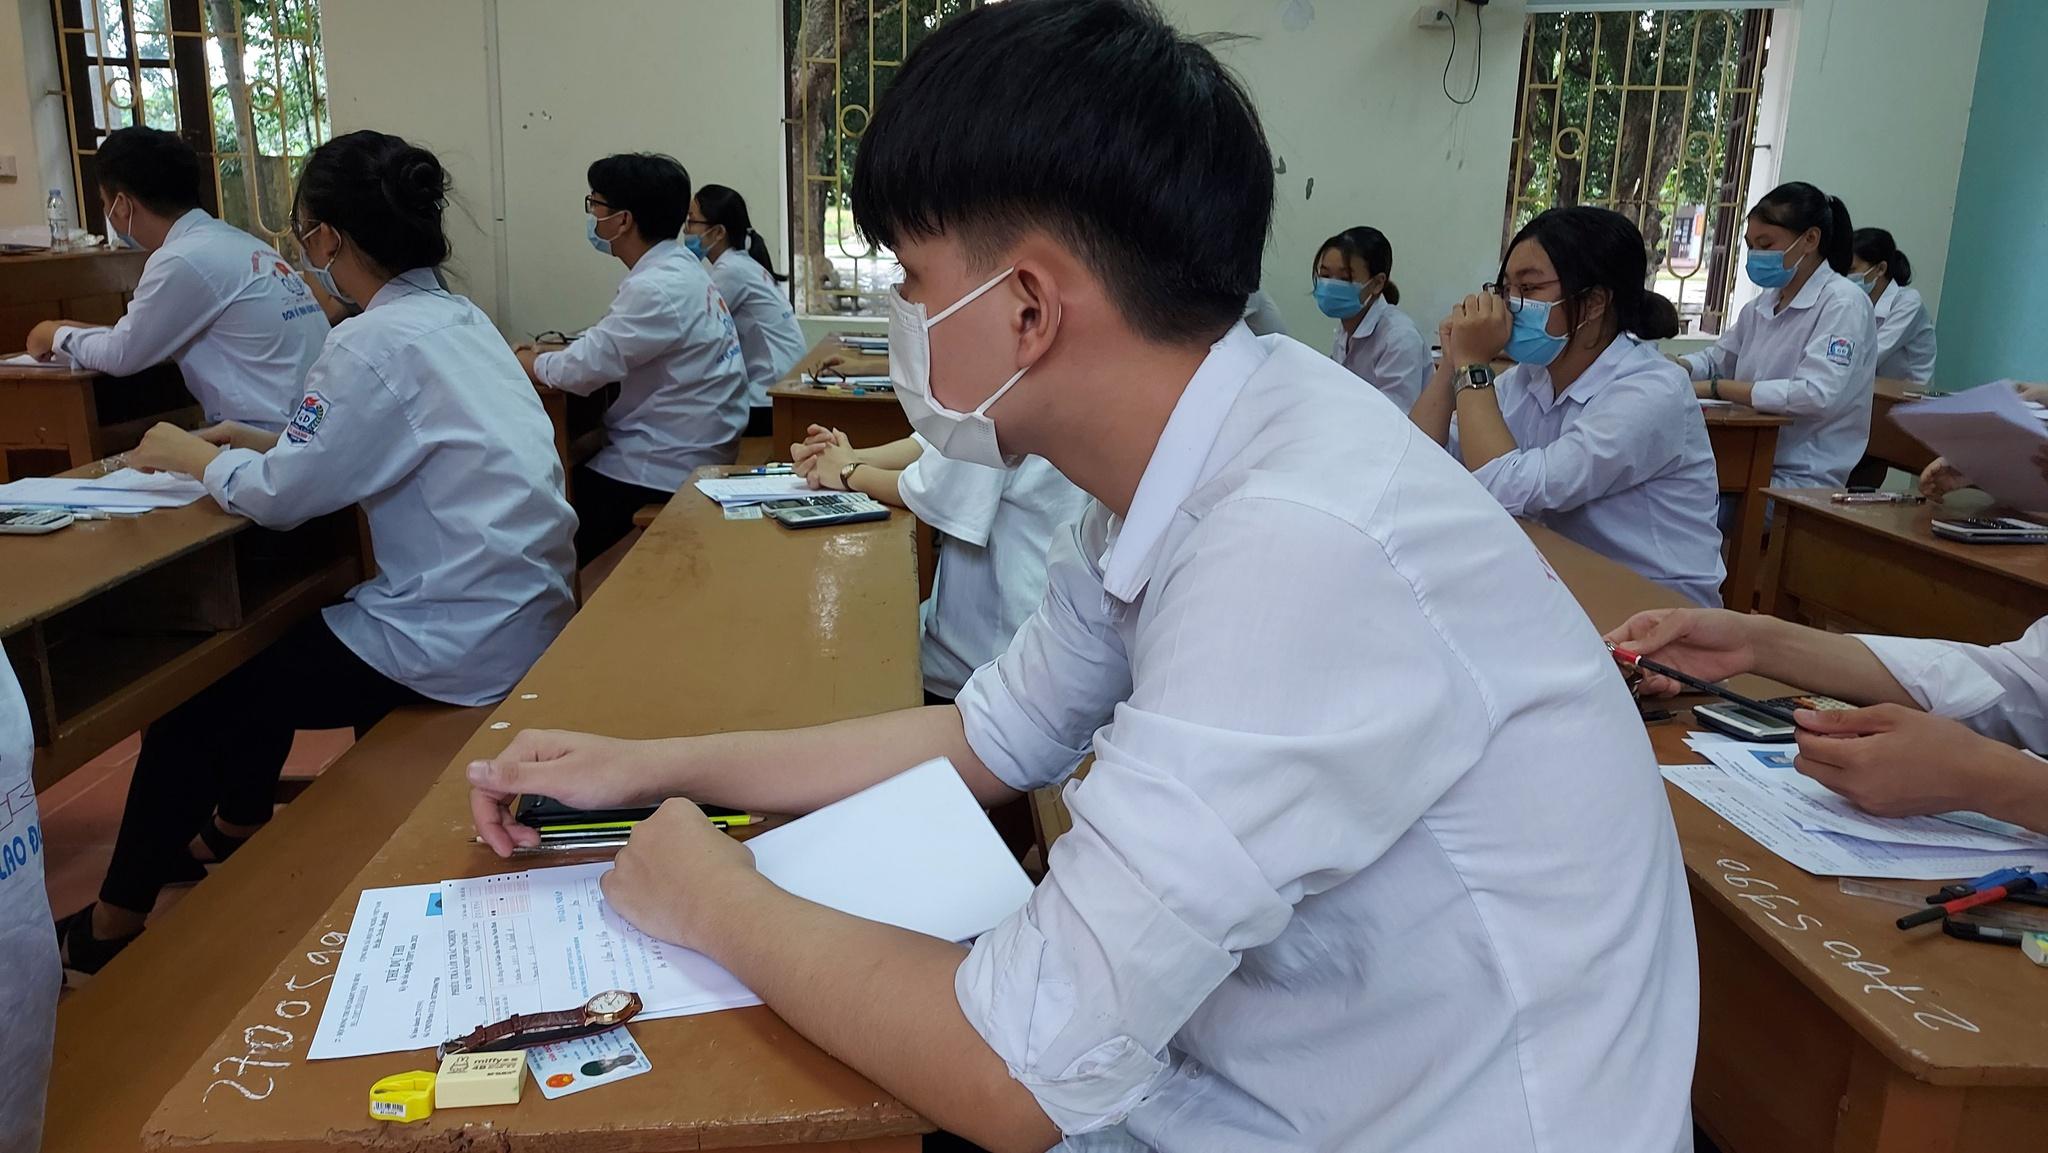 Tất cả các trường ĐH khi có sử dụng kết quả thi THPT từ 1 môn/bài thi trở lên trong tổ hợp để xét tuyển đợt 1 năm 2021 thì đều phải tham gia lọc ảo /// Quý Hiên